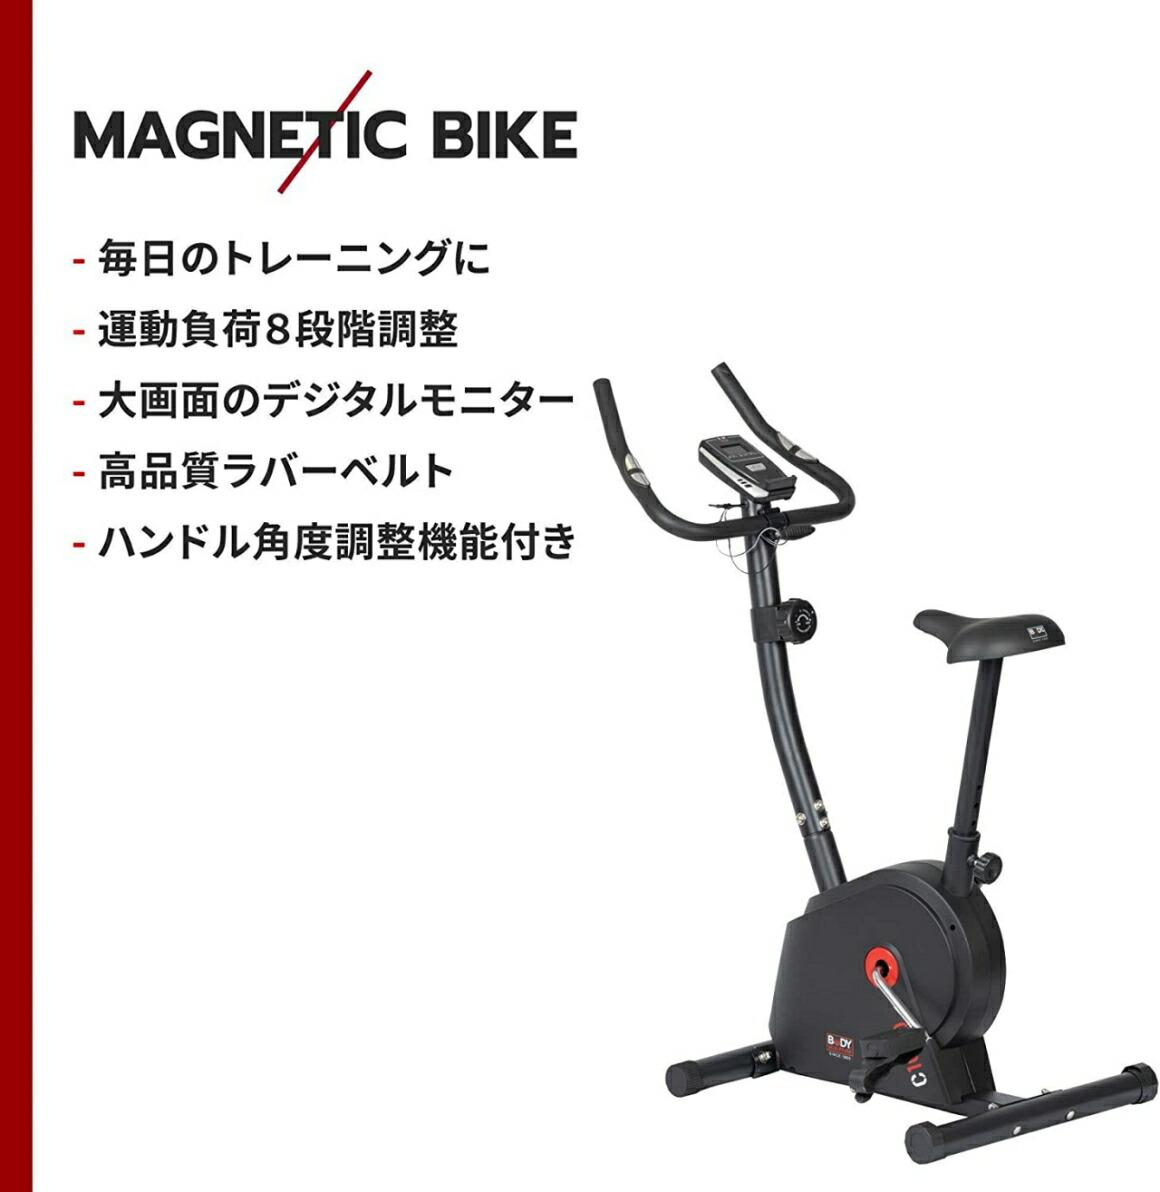 マグネティックバイク